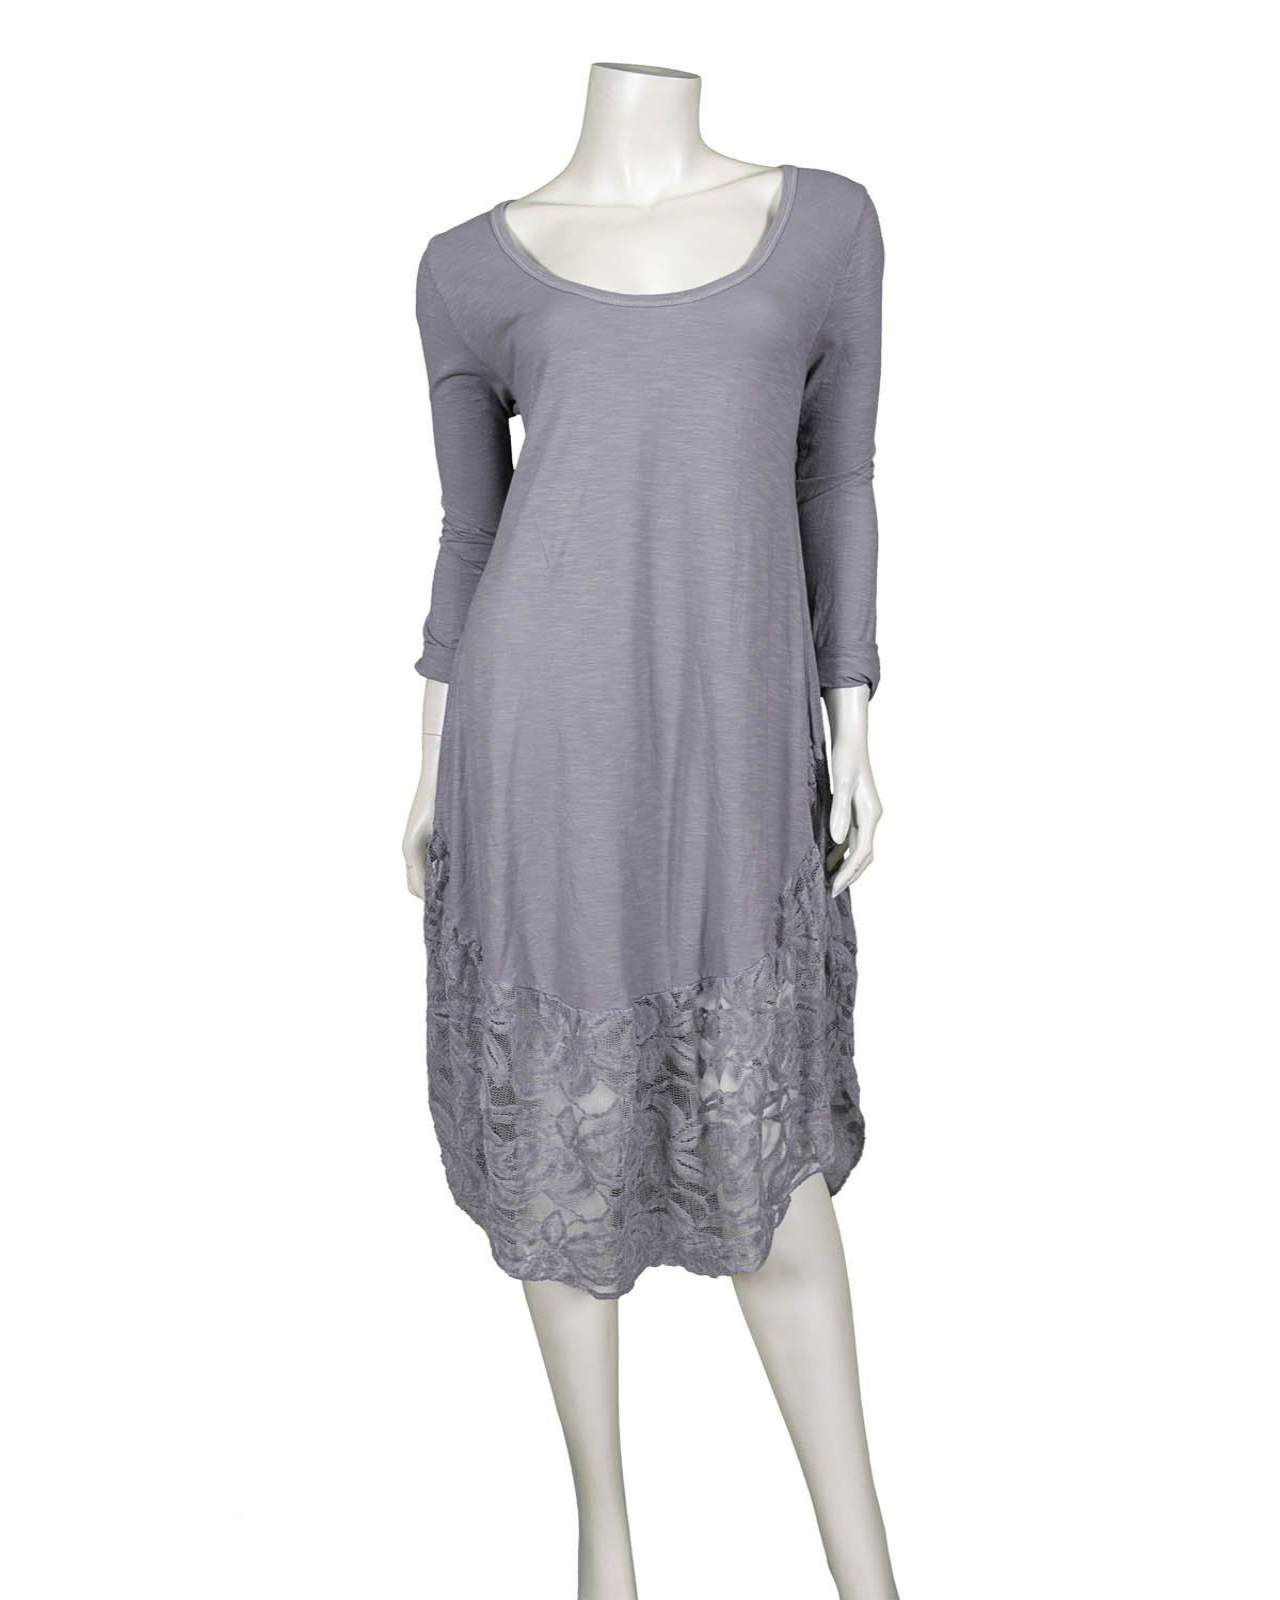 Kleid mit Spitze, grau | Diana